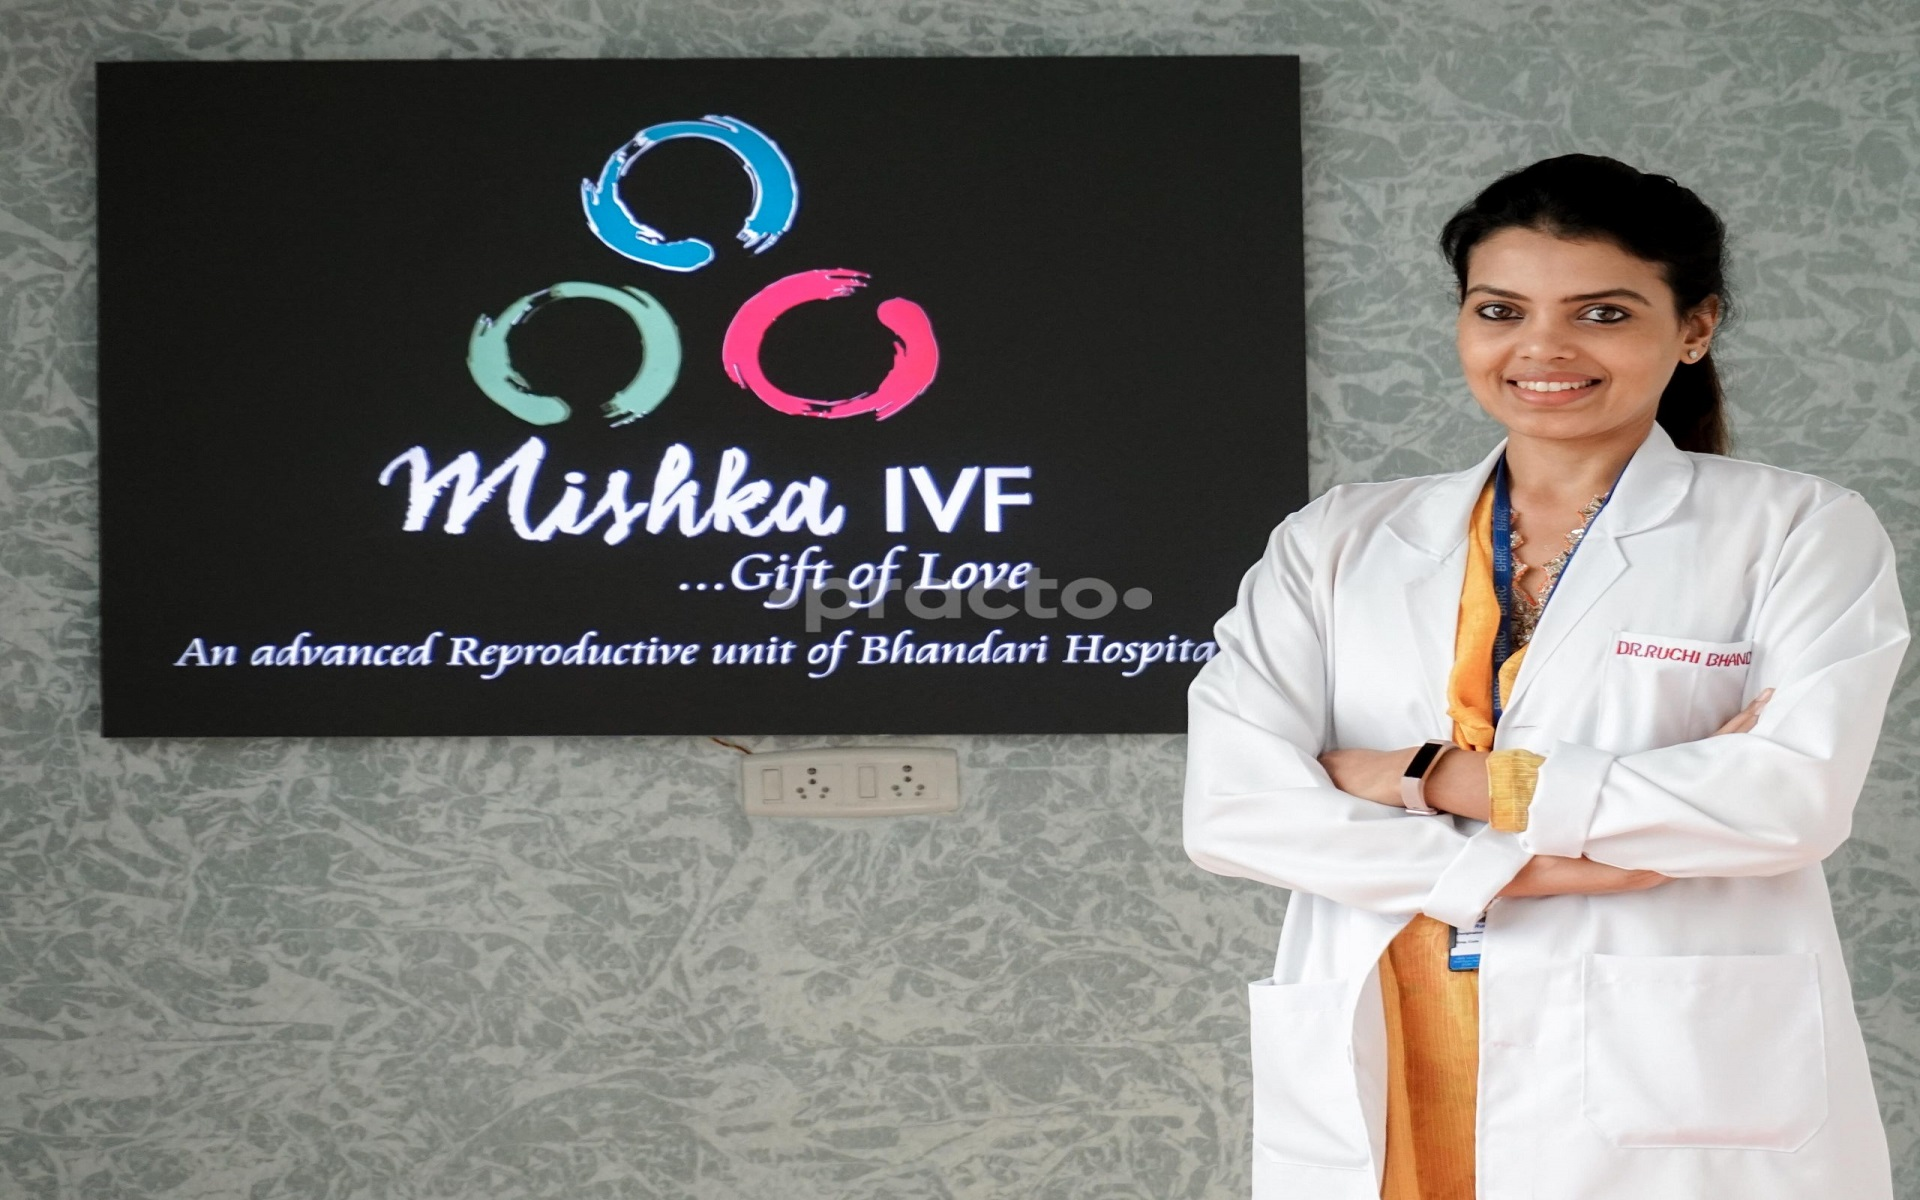 mishka-ivf-centre-jaipur